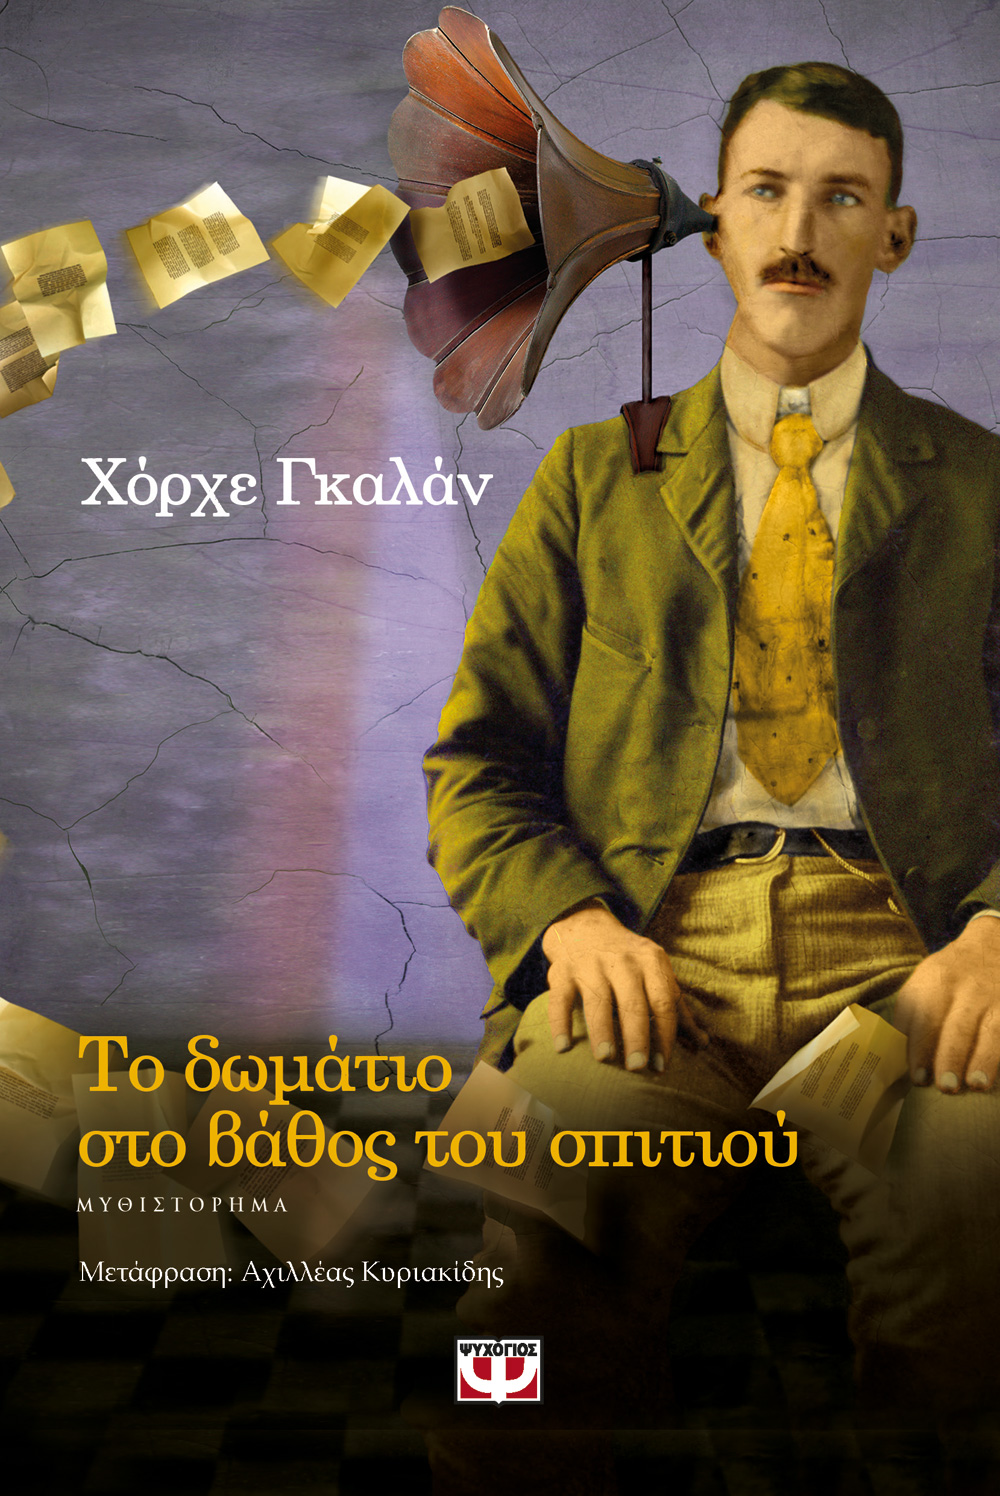 http://hdcovers.psichogios.gr/GR/9786180112849.jpg